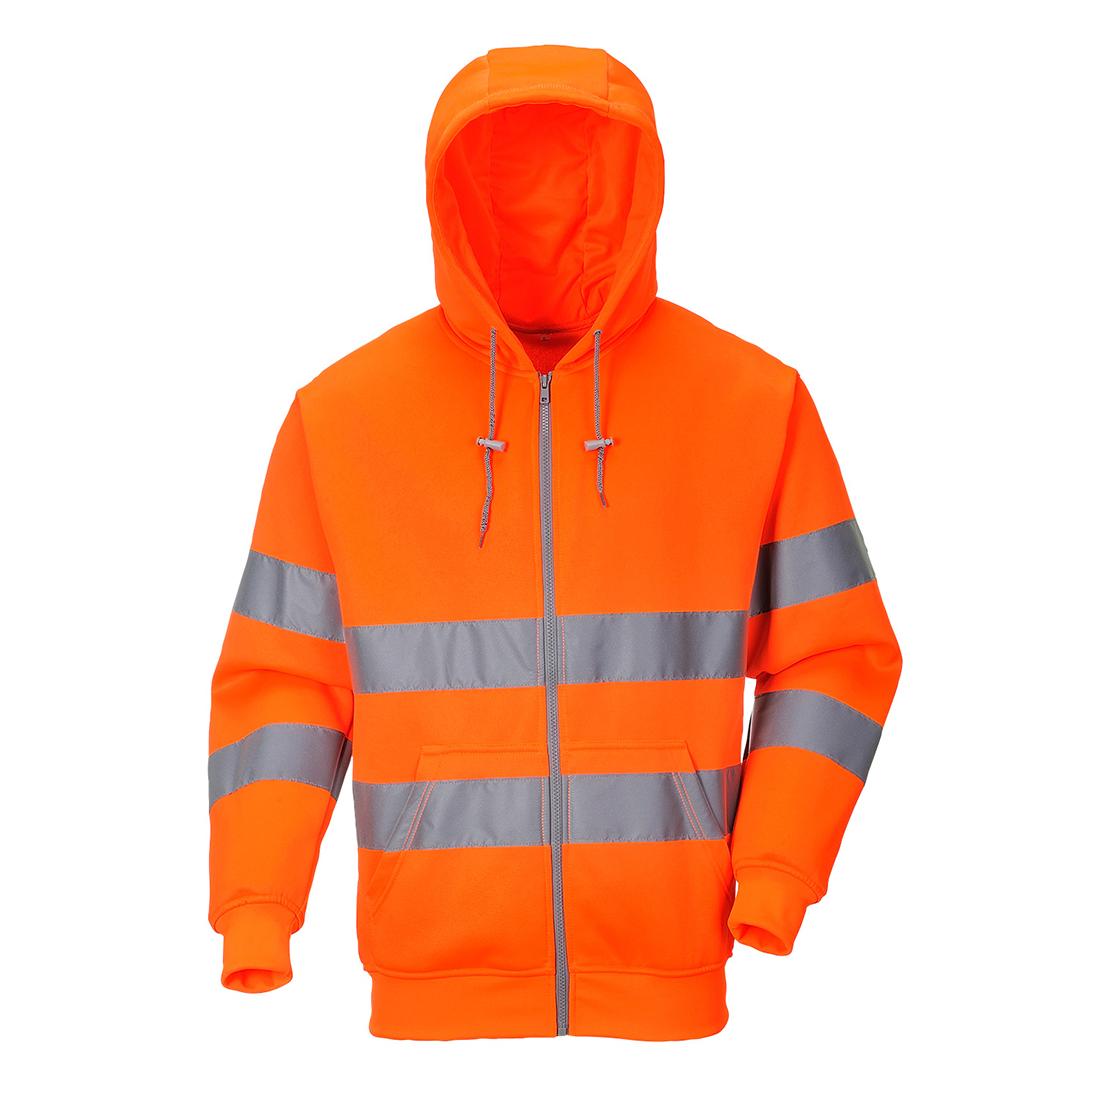 Seguridad en el trabajo - Portwest - suéter ddaaf3b5a1